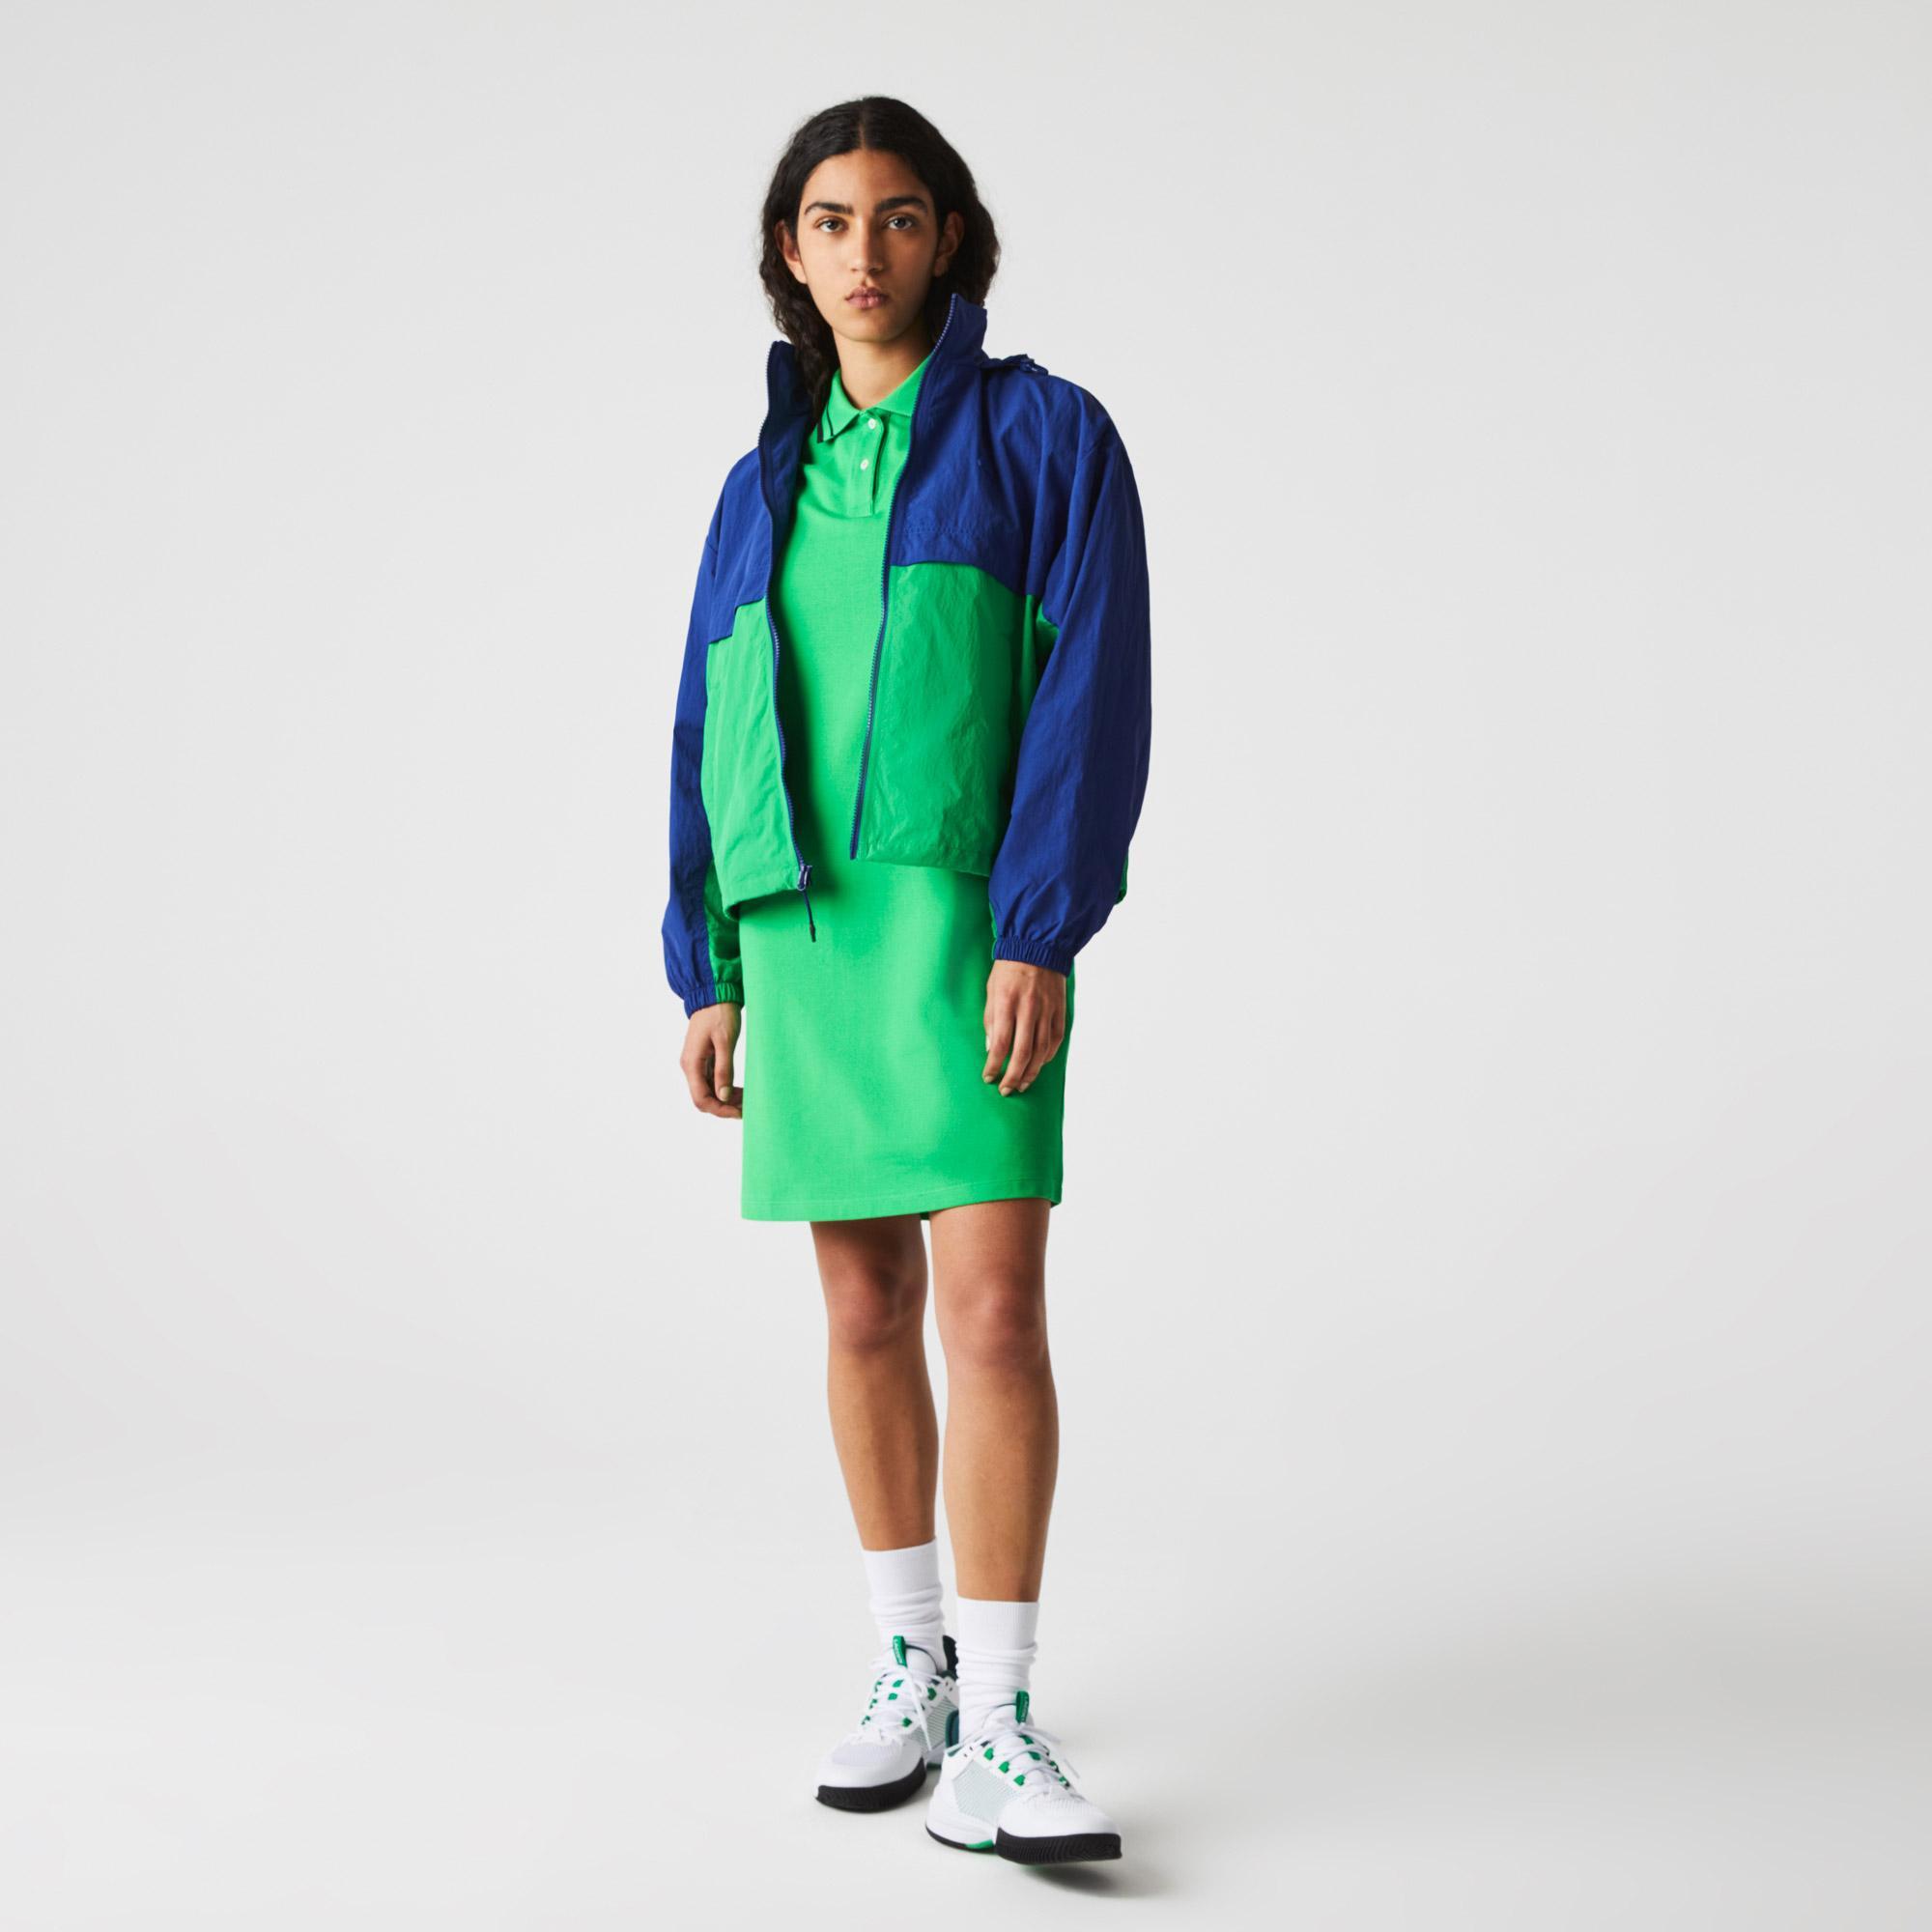 Lacoste Kadın Kapüşonlu Renk Bloklu Renkli Rüzgarlık